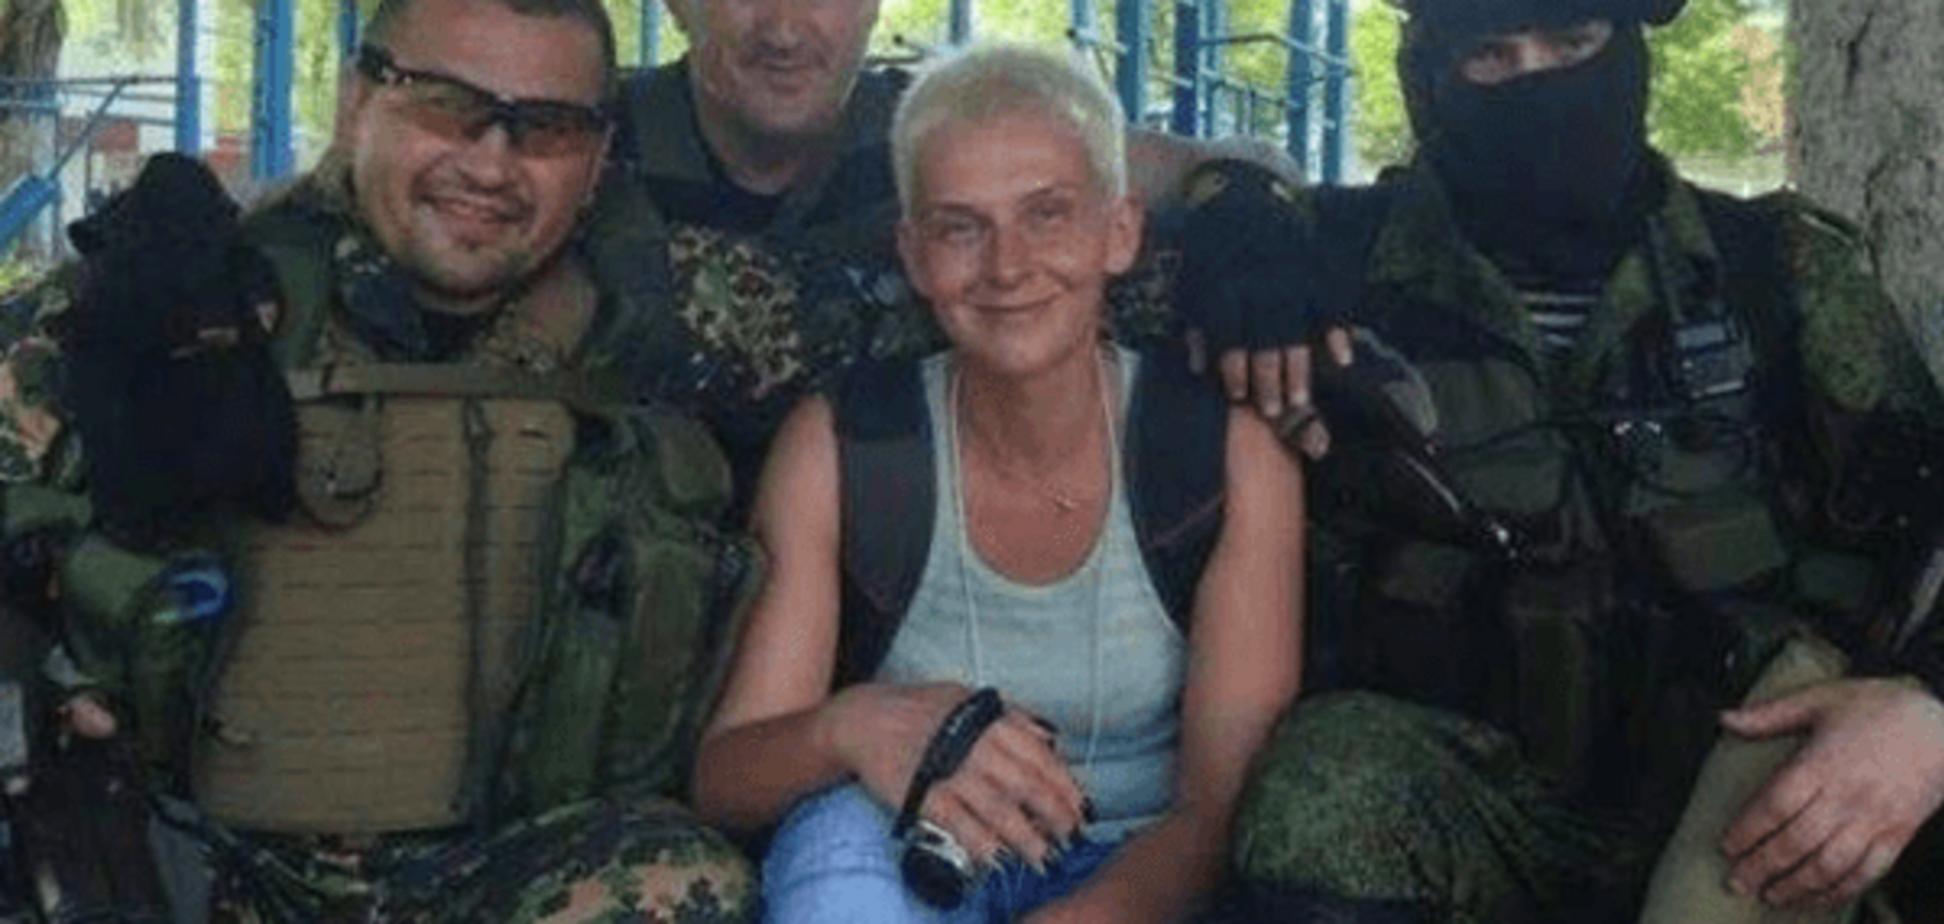 'Война есть война': шеф-редактор 'Интера' прокомментировала свои фото с боевиками